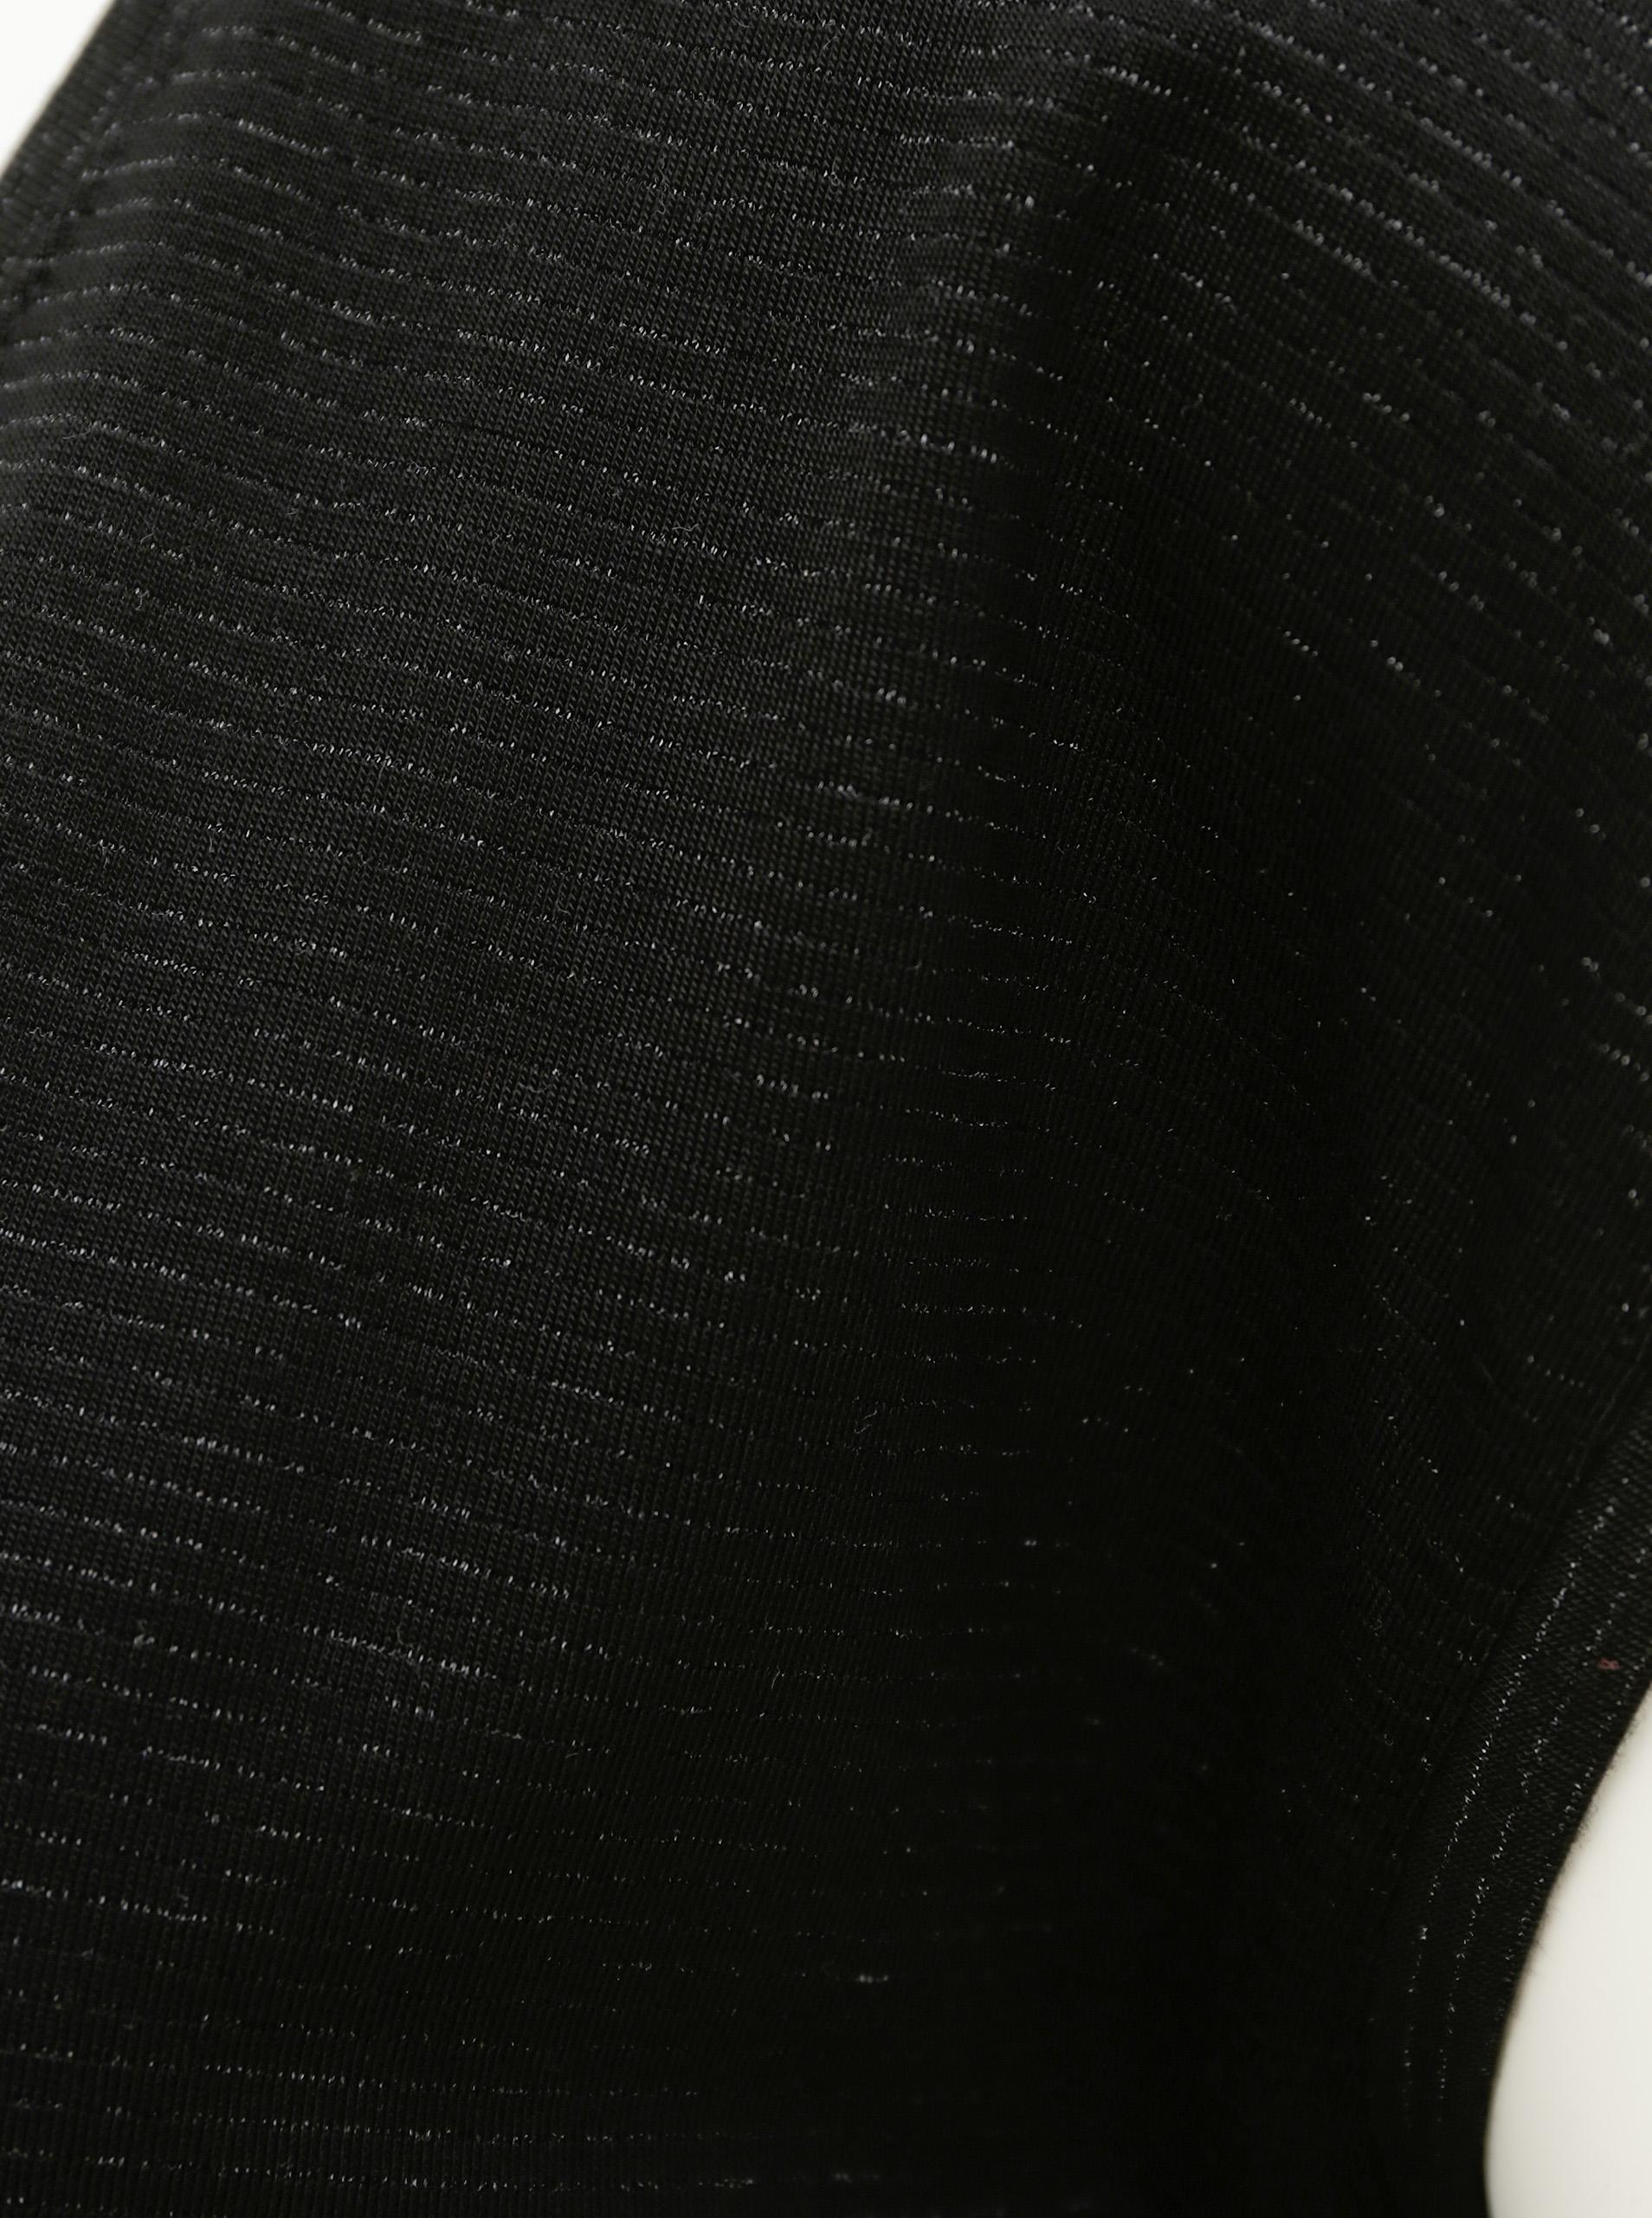 T-shirt nera con pezzi di fibre metalliche